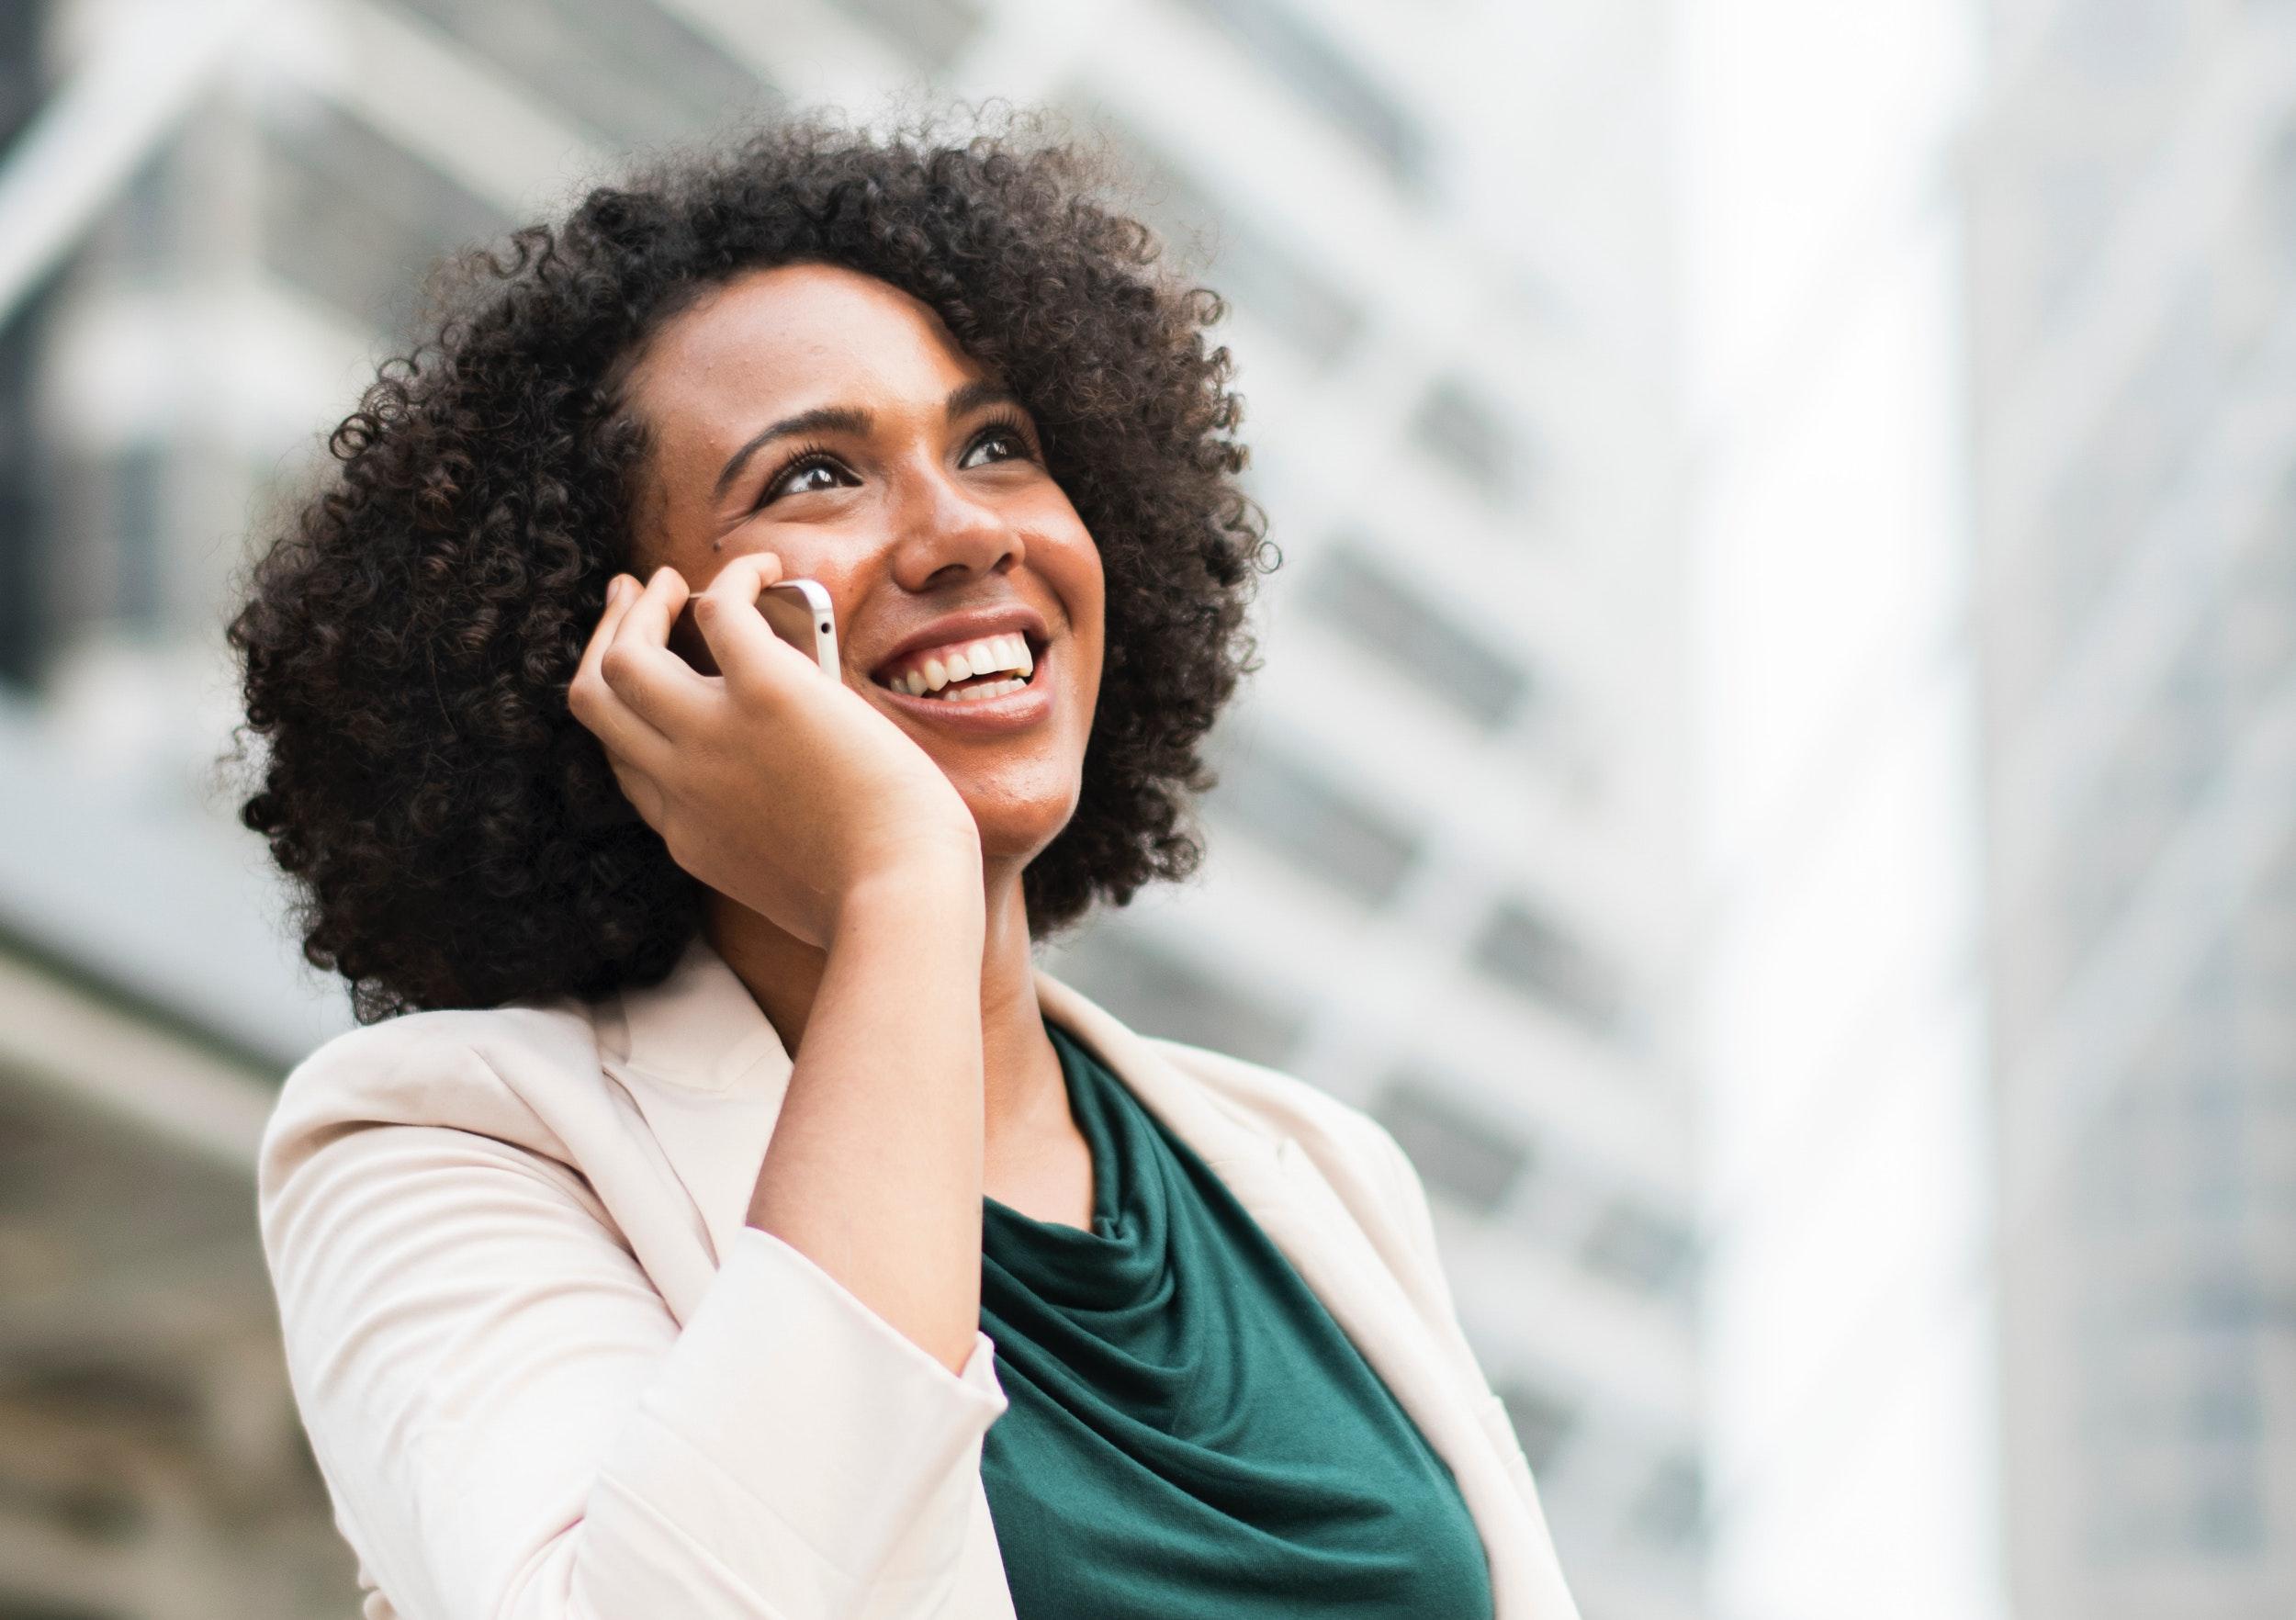 Contact center inteligente diminui custos e aumenta produtividade